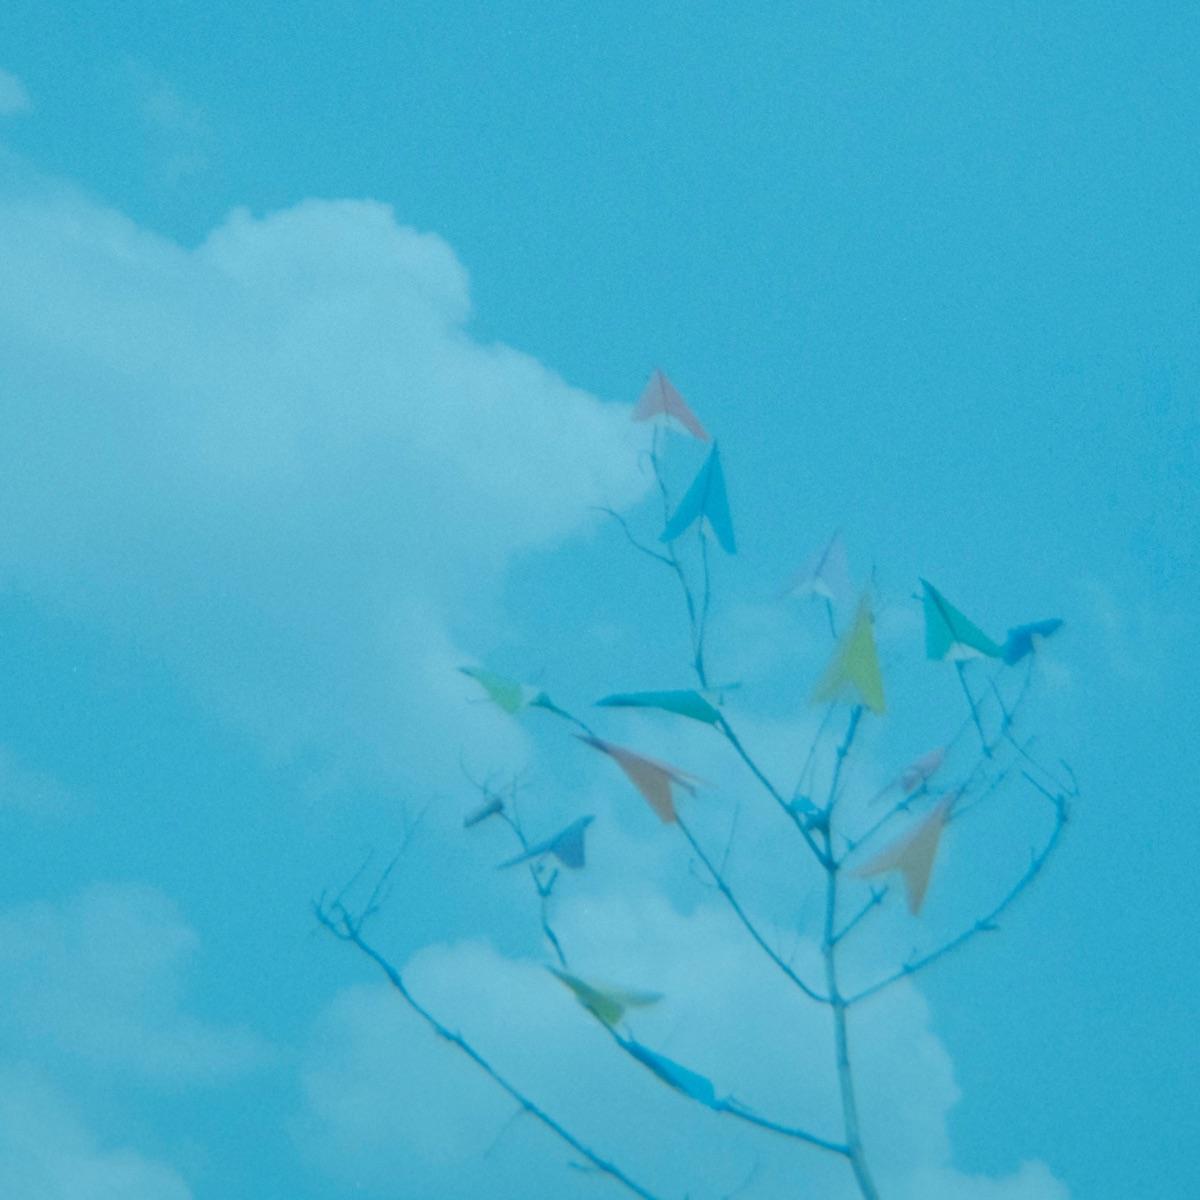 『リーガルリリー - 風にとどけ』収録の『風にとどけ』ジャケット